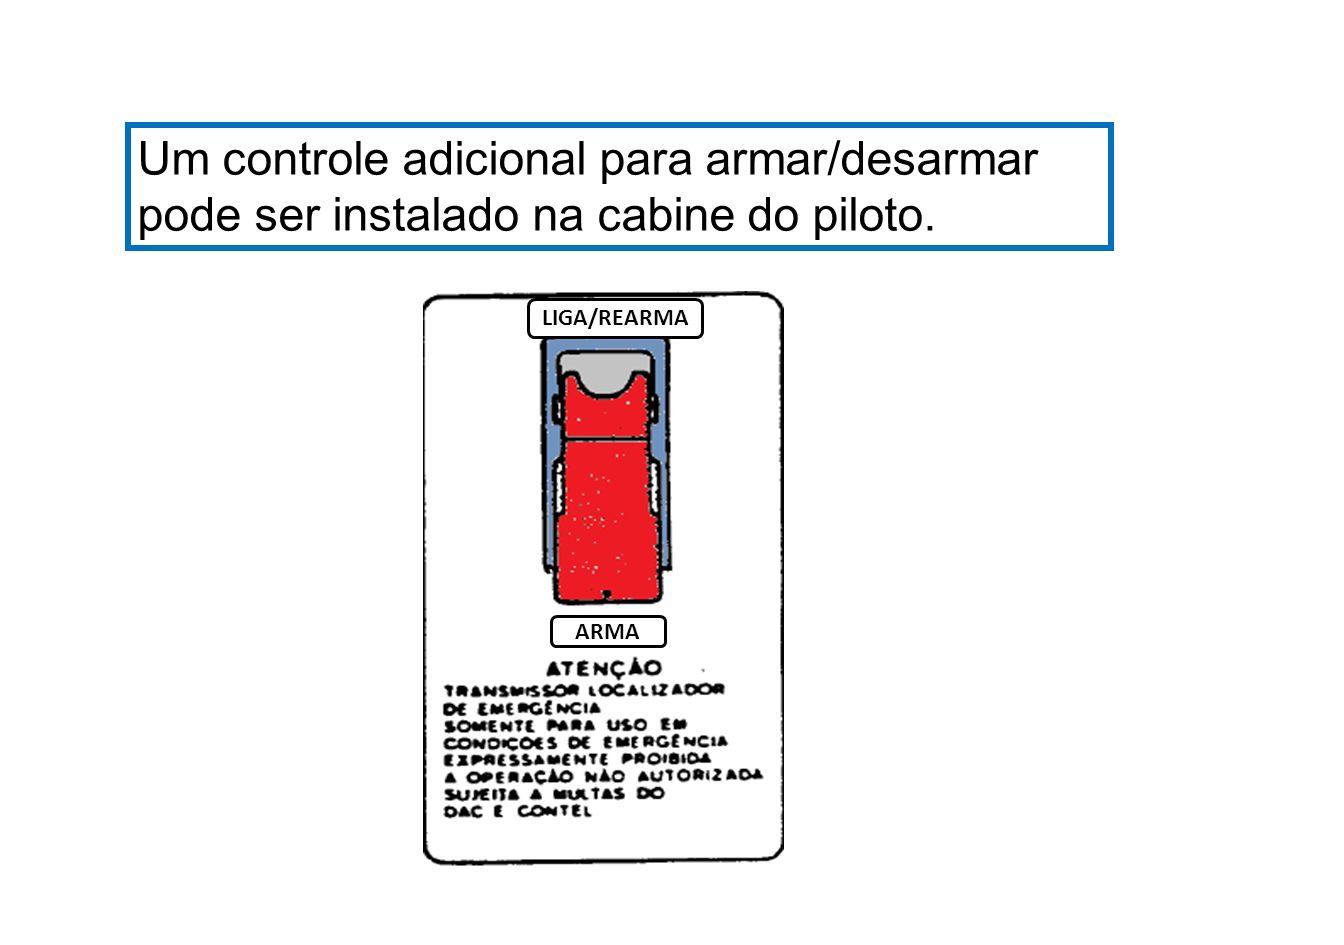 Interruptor ARM/ON/REARM Interruptor protegido por uma guarda de segurança, montado em um painel, o qual possibilita à tripulação, ligar manualmente o transmissor.